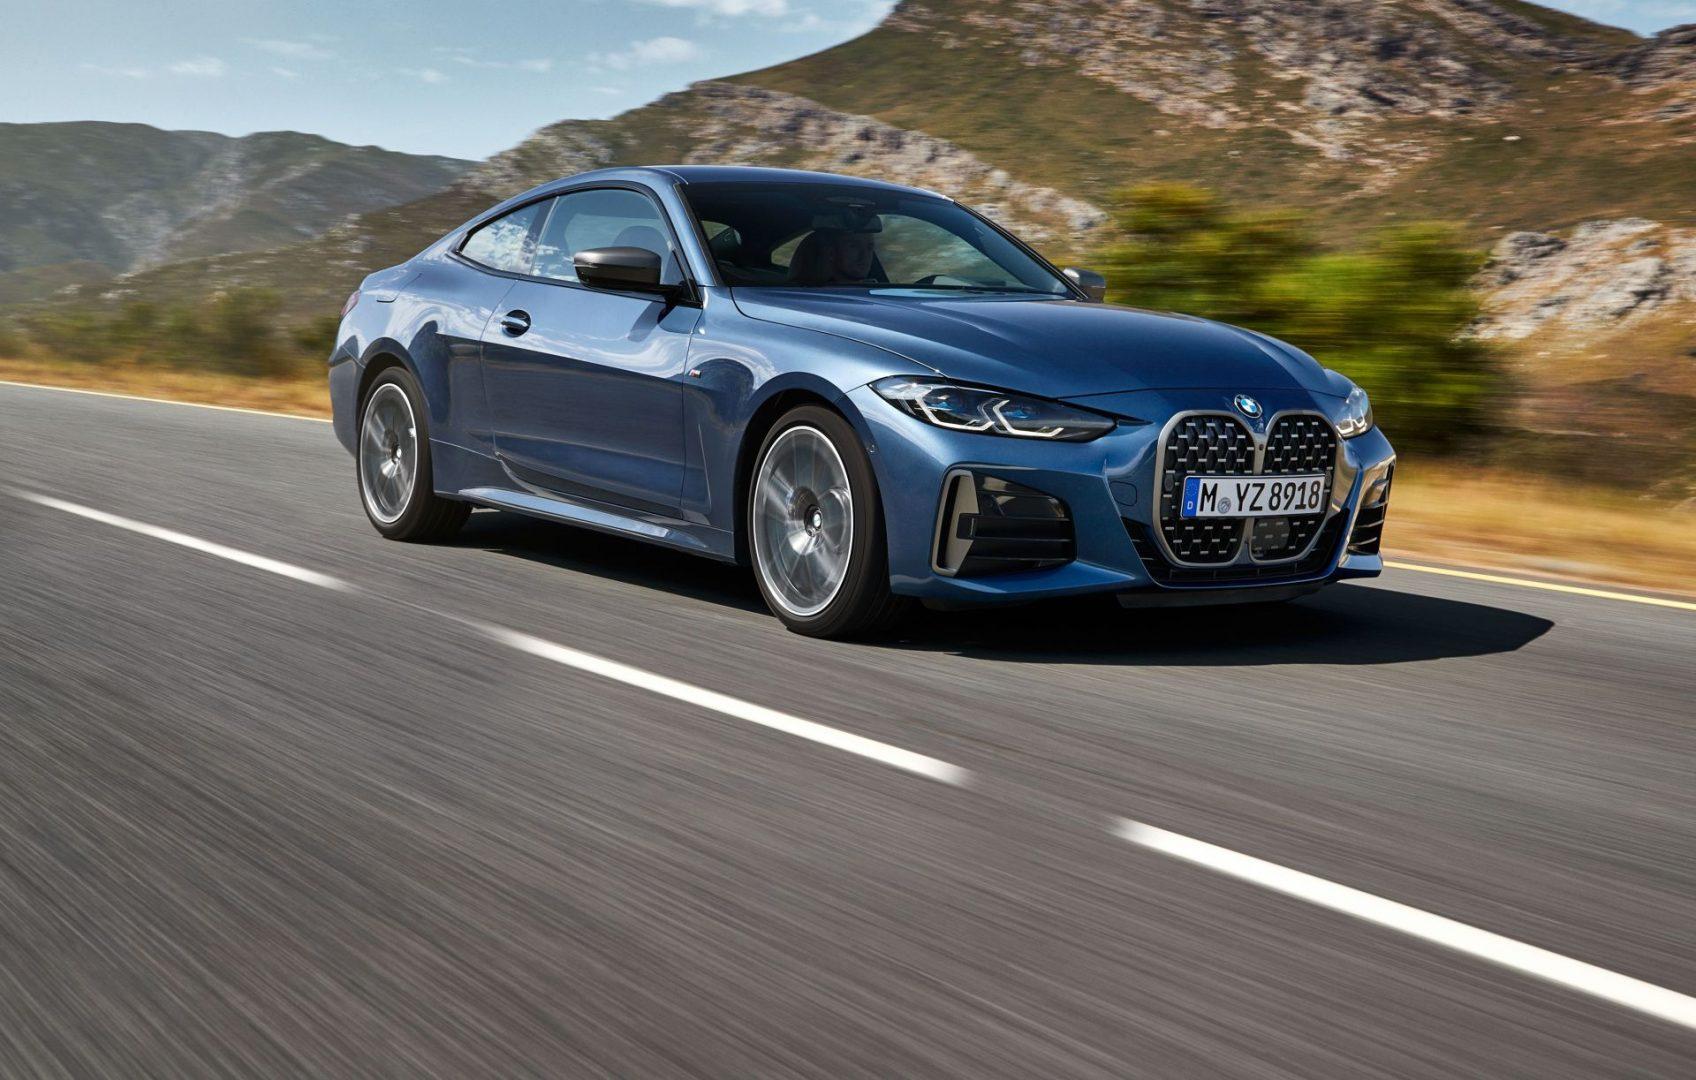 Predstavljen je novi BMW serije 4, a prednja maska će biti česta tema rasprava